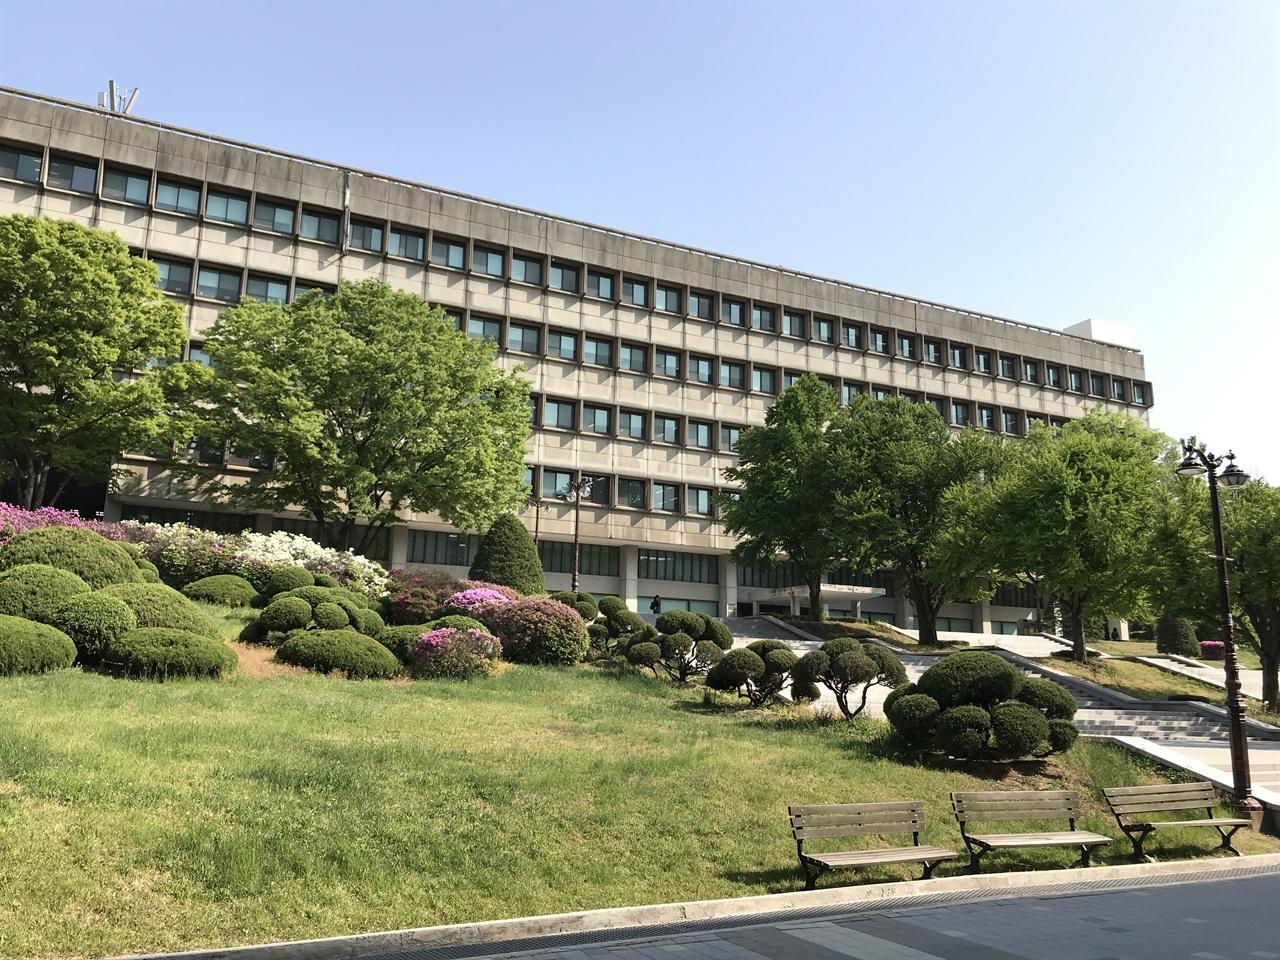 서울대학교 중앙도서관 관악캠퍼스 서울대학교 중앙도서관은 1974년 건축가 이승우가 설계했다. 철근콘크리트로 지은 6층 건물로 3,500석의 열람석과 150만 권의 장서를 소장할 수 있는 도서관이다. 1970년대 전세계 대학 캠퍼스에 거칠고 투박한 느낌의 브루털리즘(Brutalism) 사조가 유행처럼 번졌는데, 서울대학교 중앙도서관도 이런 사조를 반영한 건축물이다.